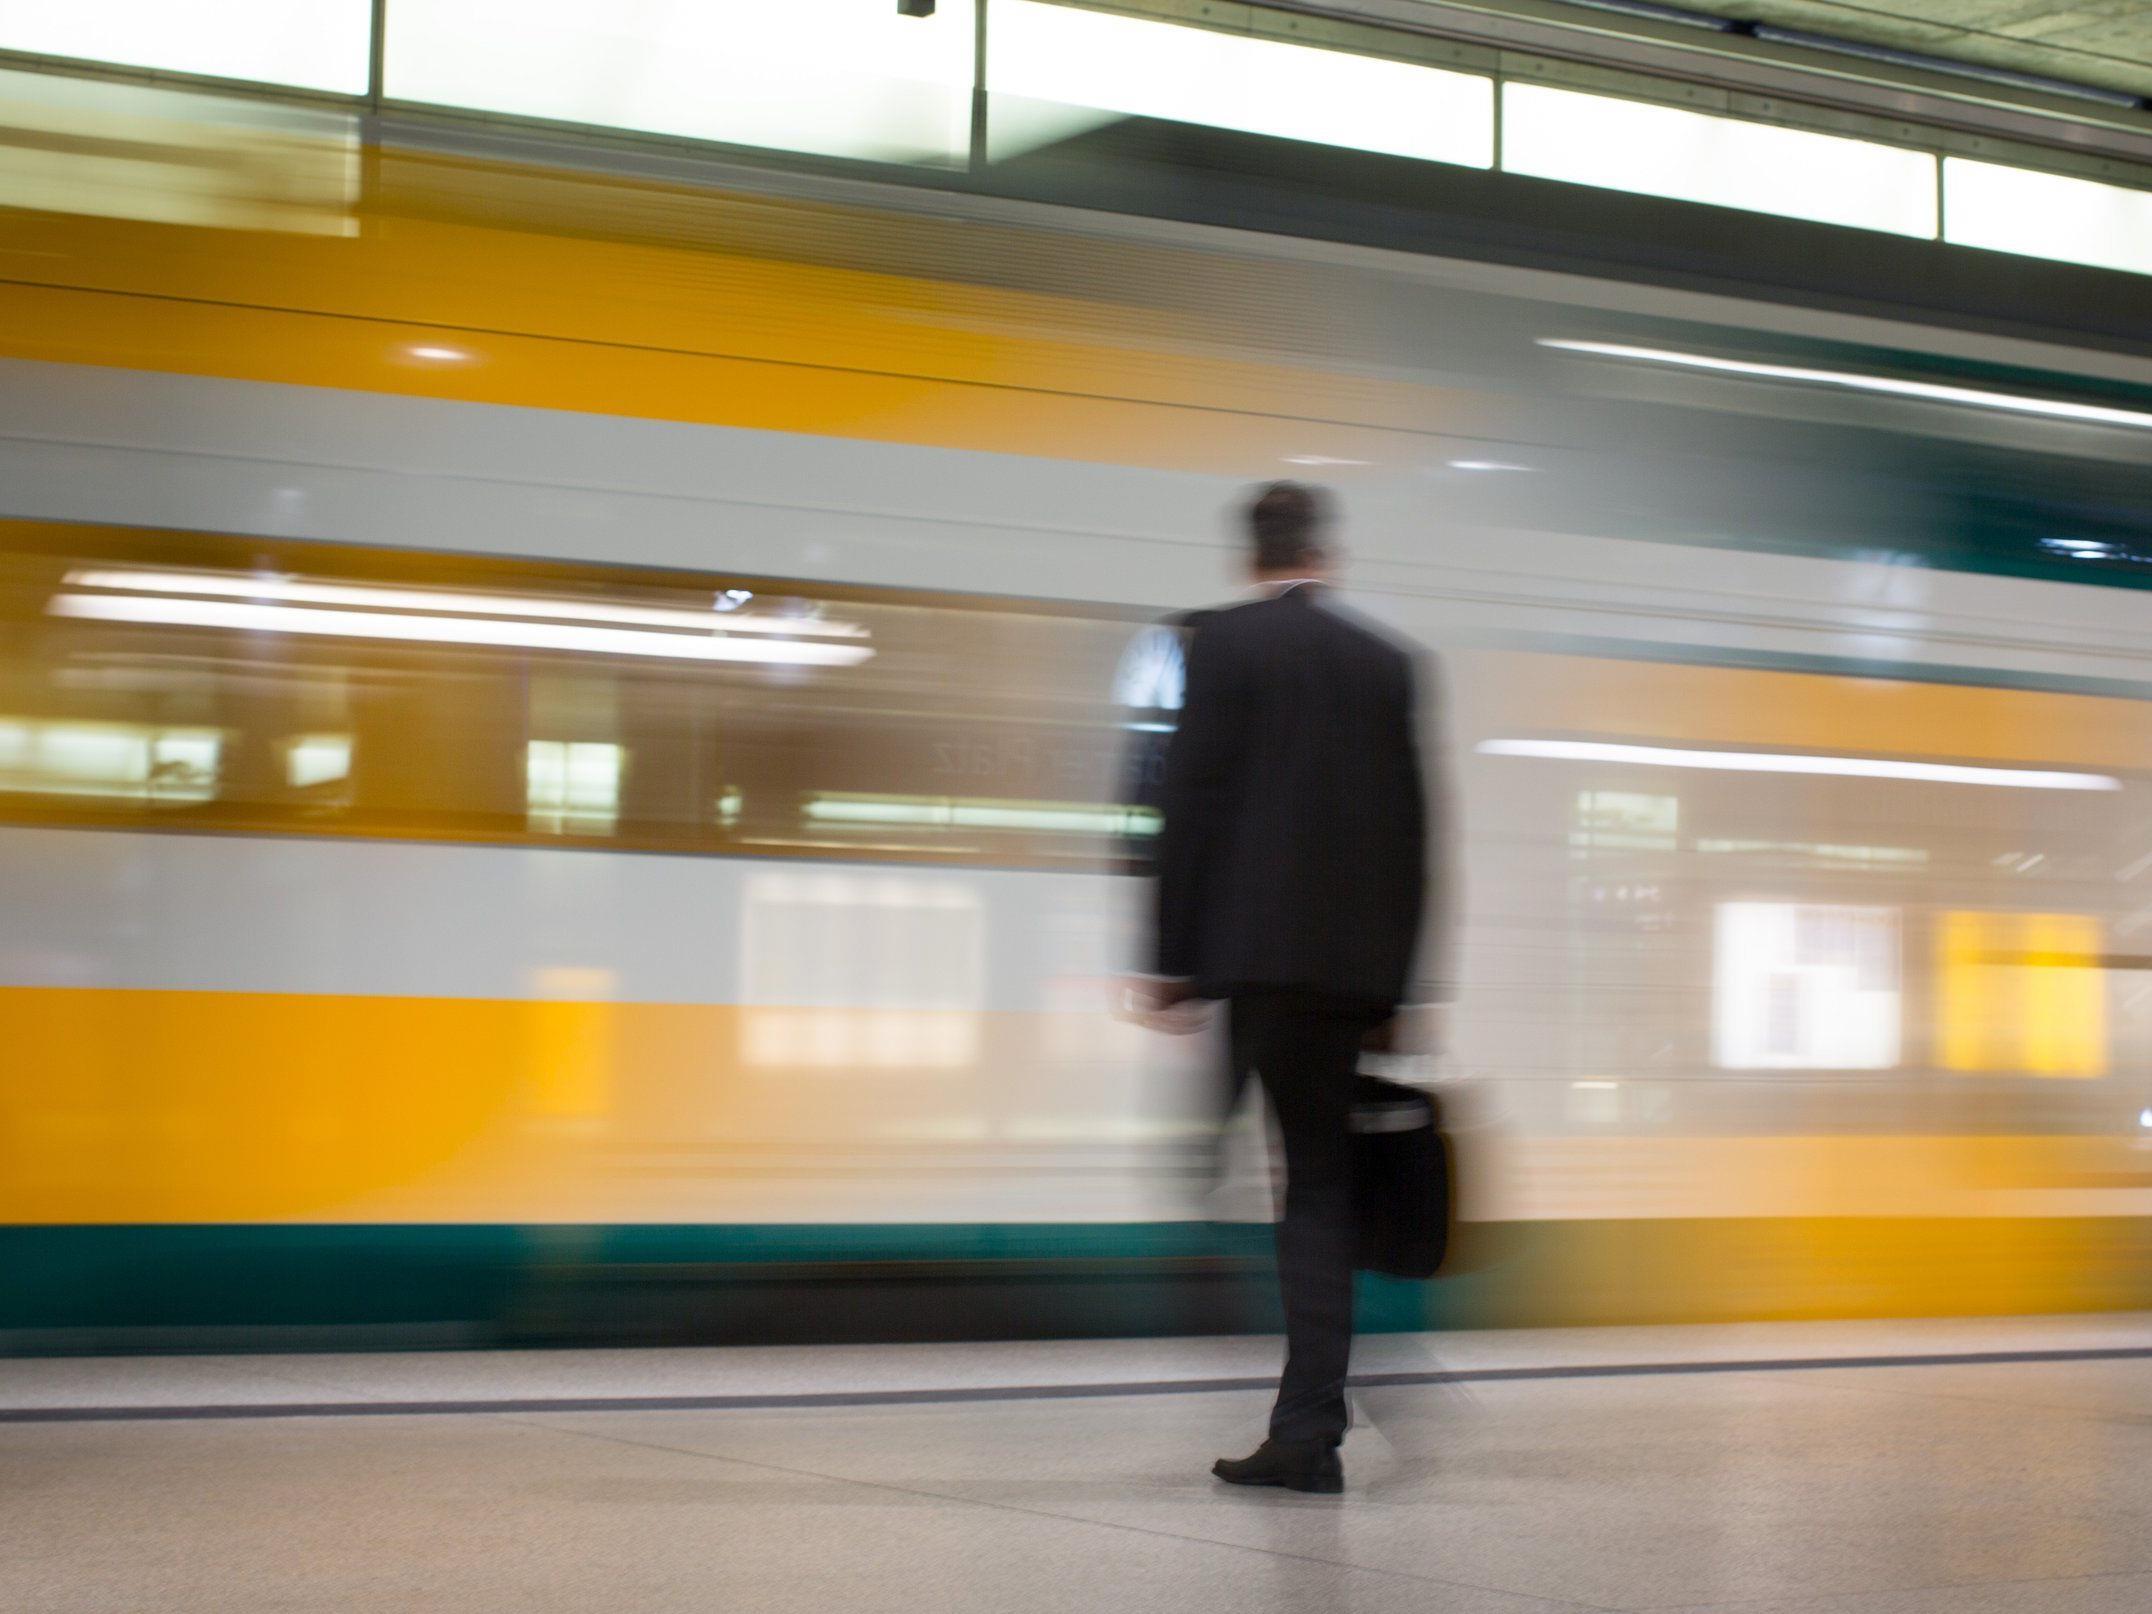 Die Deutsche Bahn hofft auf eine Last-Minute-Lösung, um den unbegrenzten Streik der Lokführer doch noch verhindern zu können.